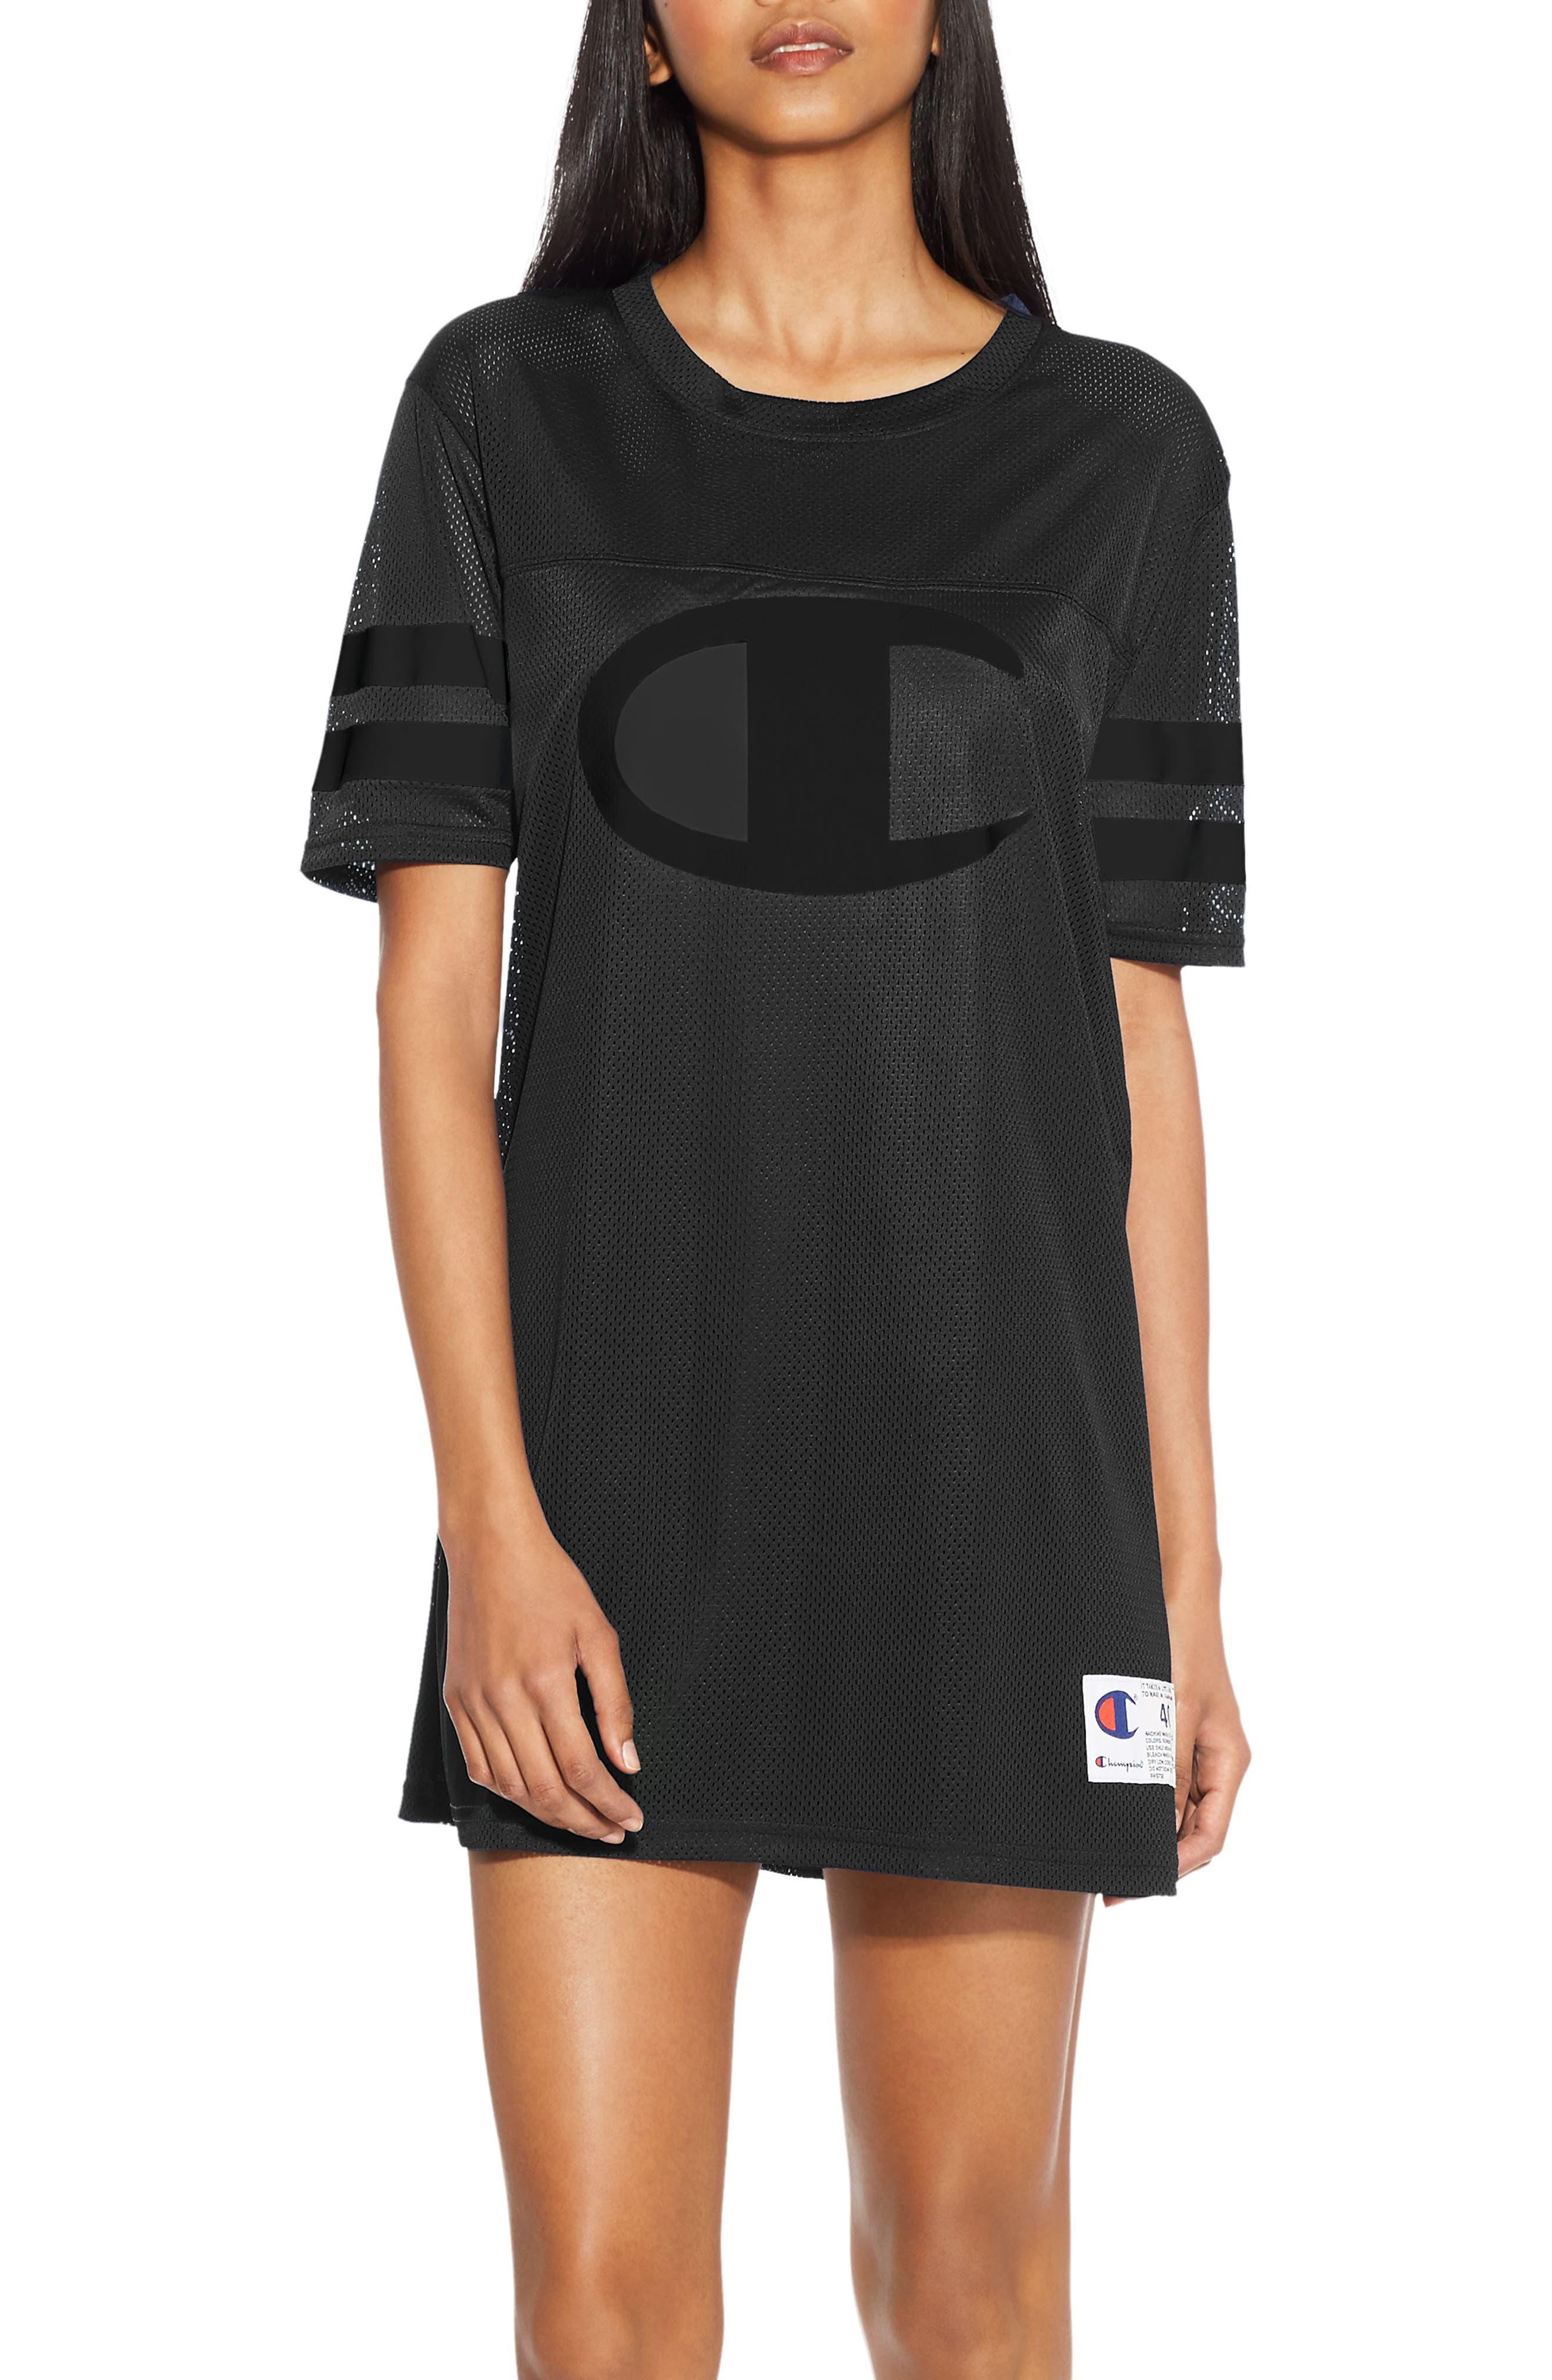 Life<sup>®</sup> Mesh T-Shirt Dress,                             Main thumbnail 1, color,                             001